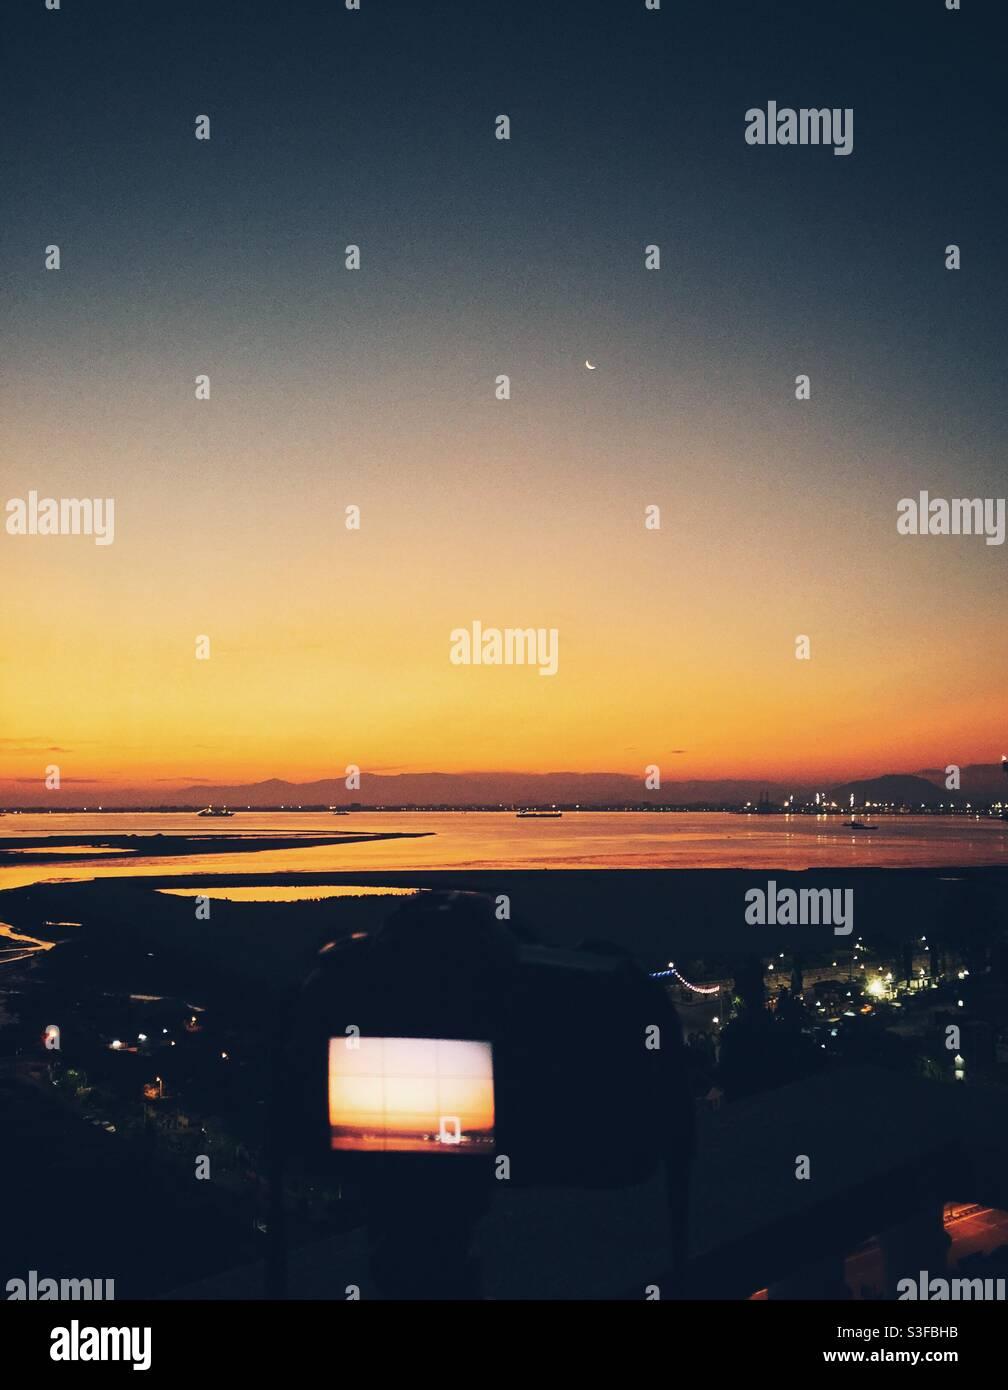 Einrichten einer Kamera für eine Landschaftsaufnahme. Stockfoto